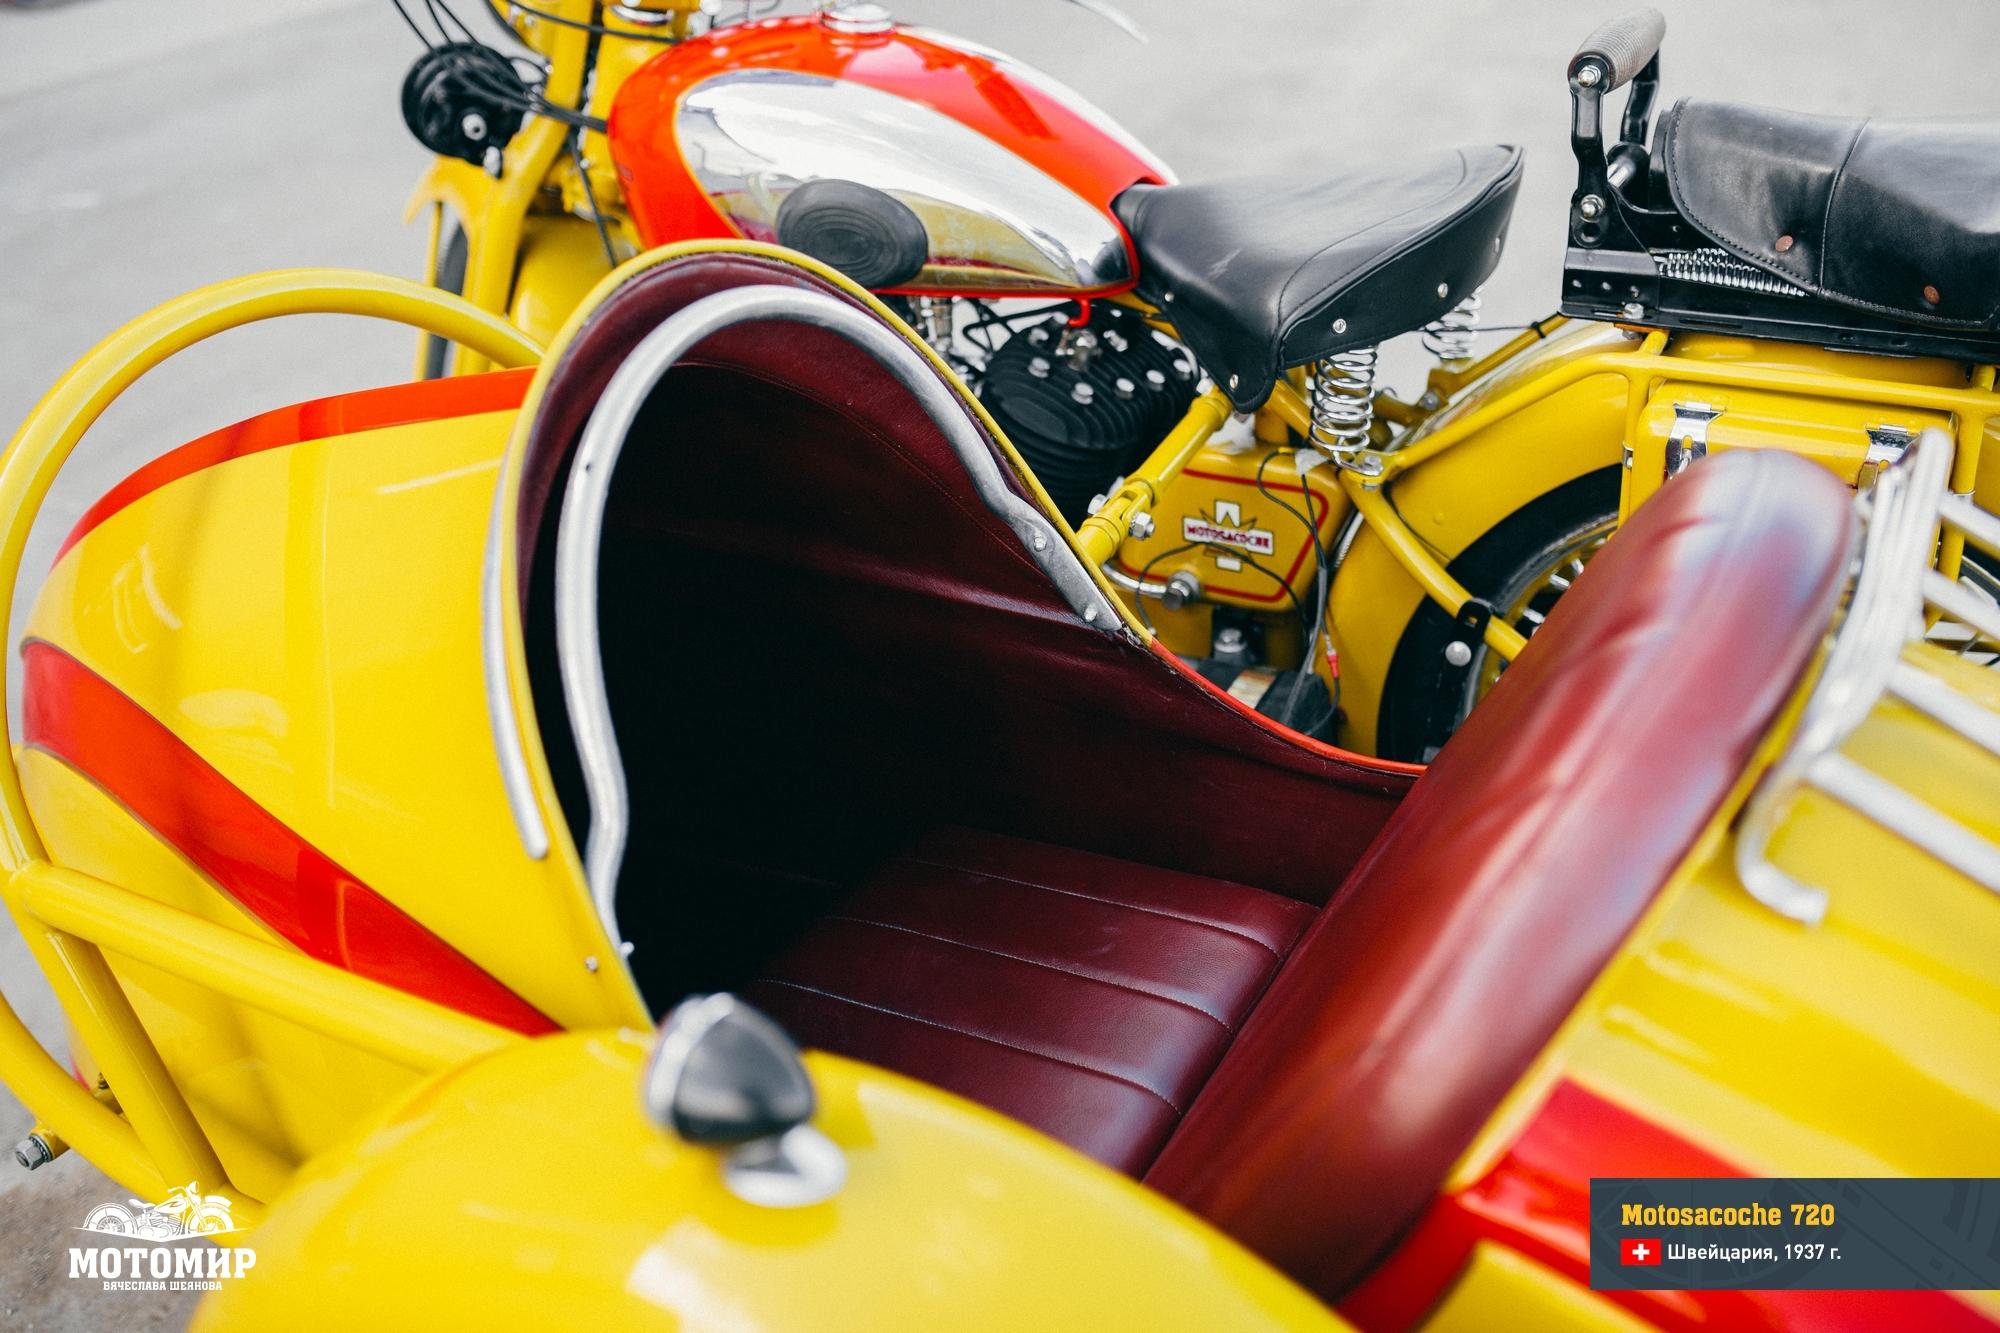 motosacoche-720-201510-web-30